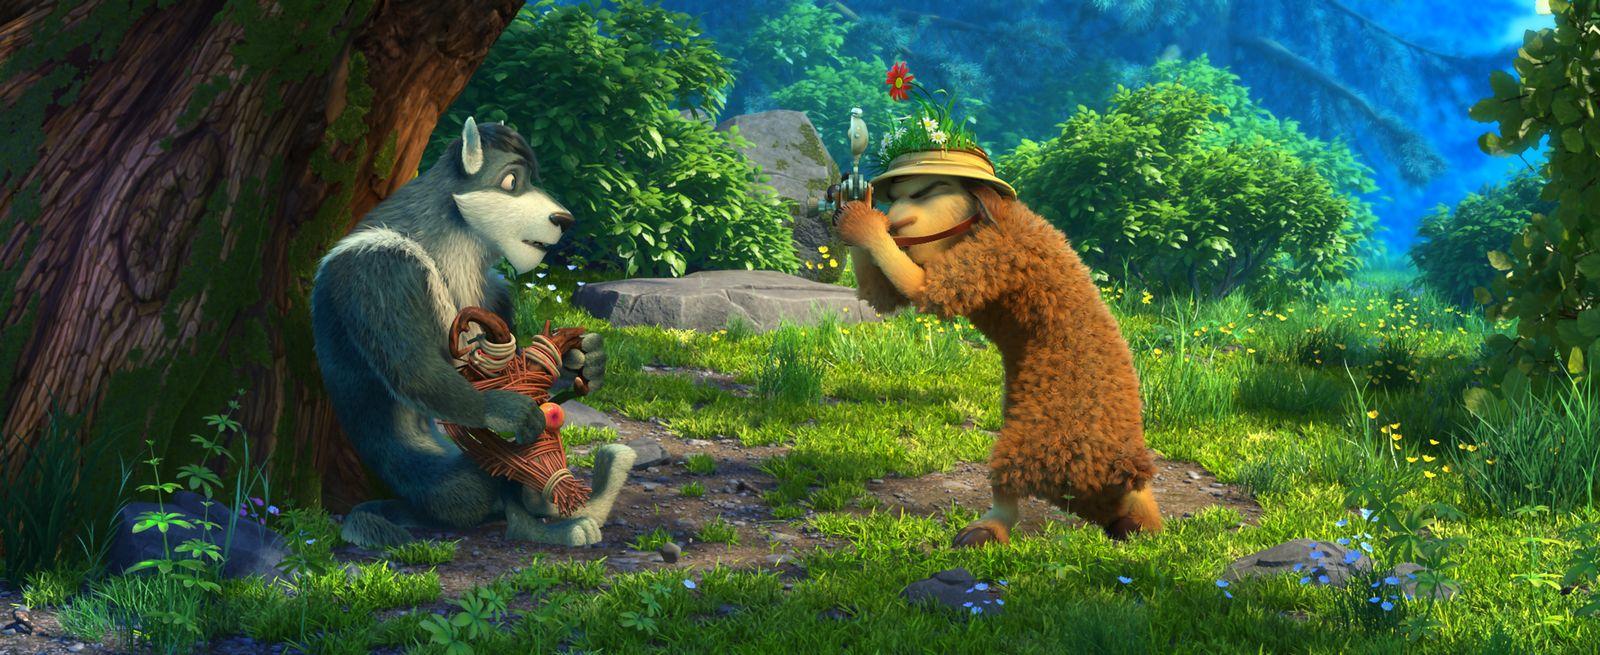 Мультфильм волки и овцы бе-е-е-зумное превращение